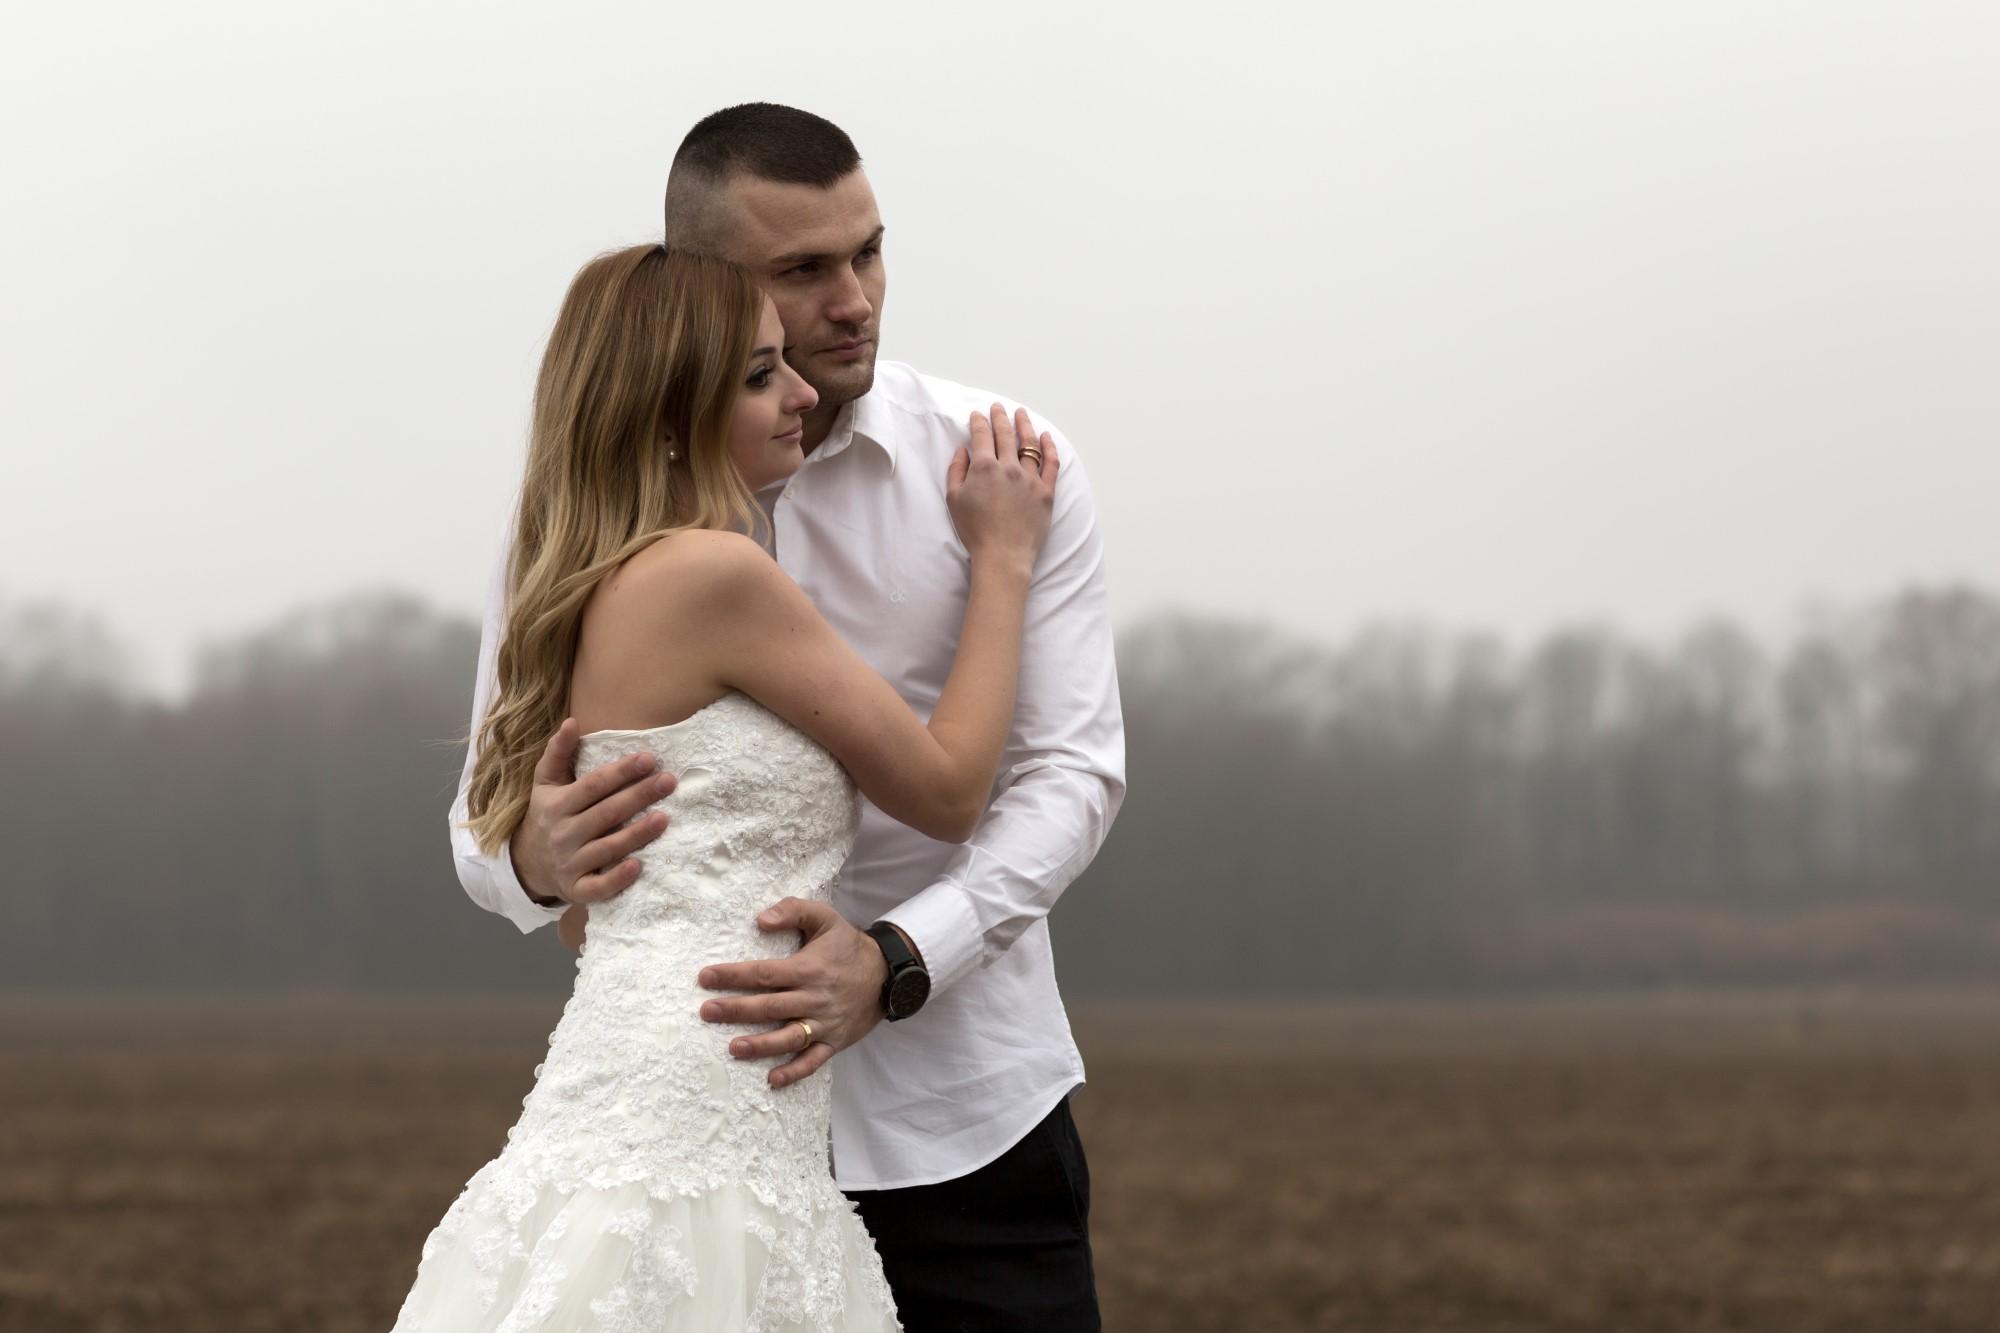 Brautpaar auf dem Feld im Winter